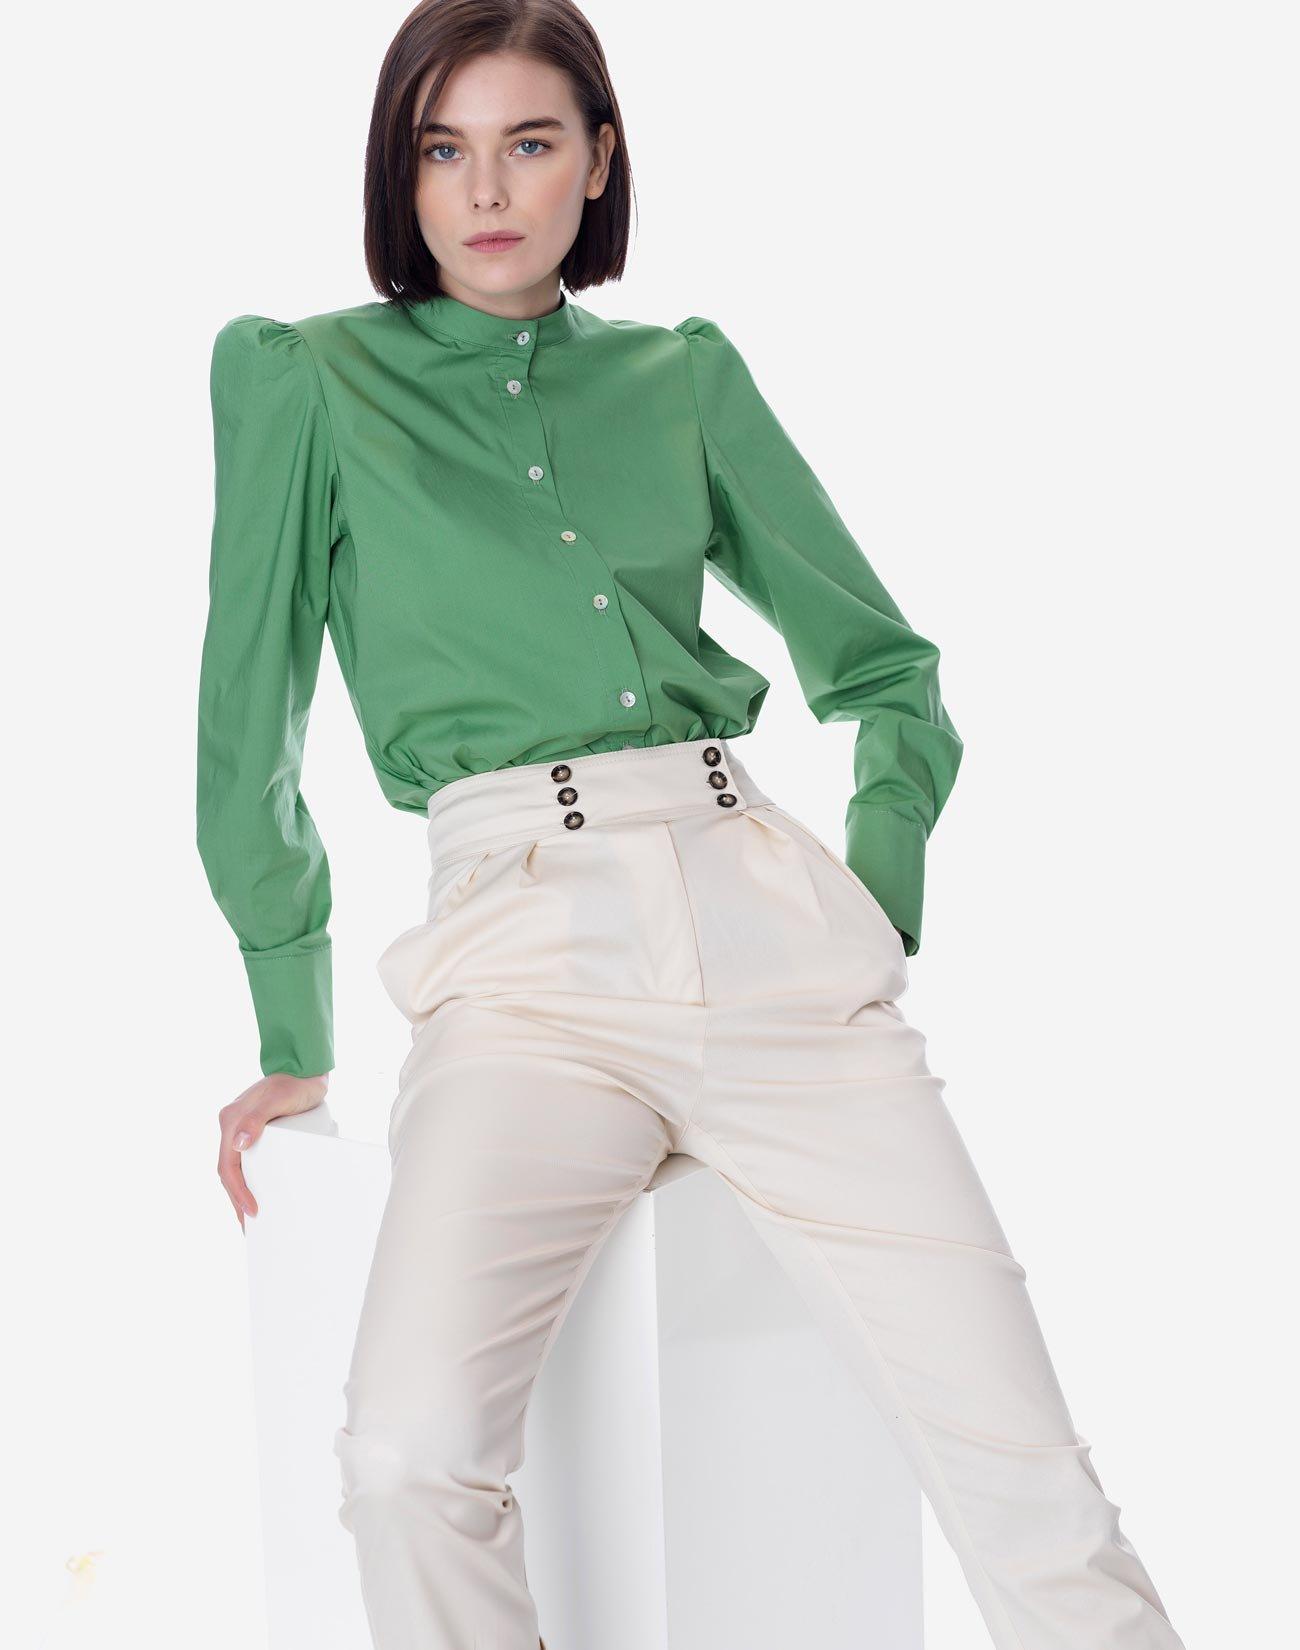 Ψηλόμεσο παντελόνι με πιέτες